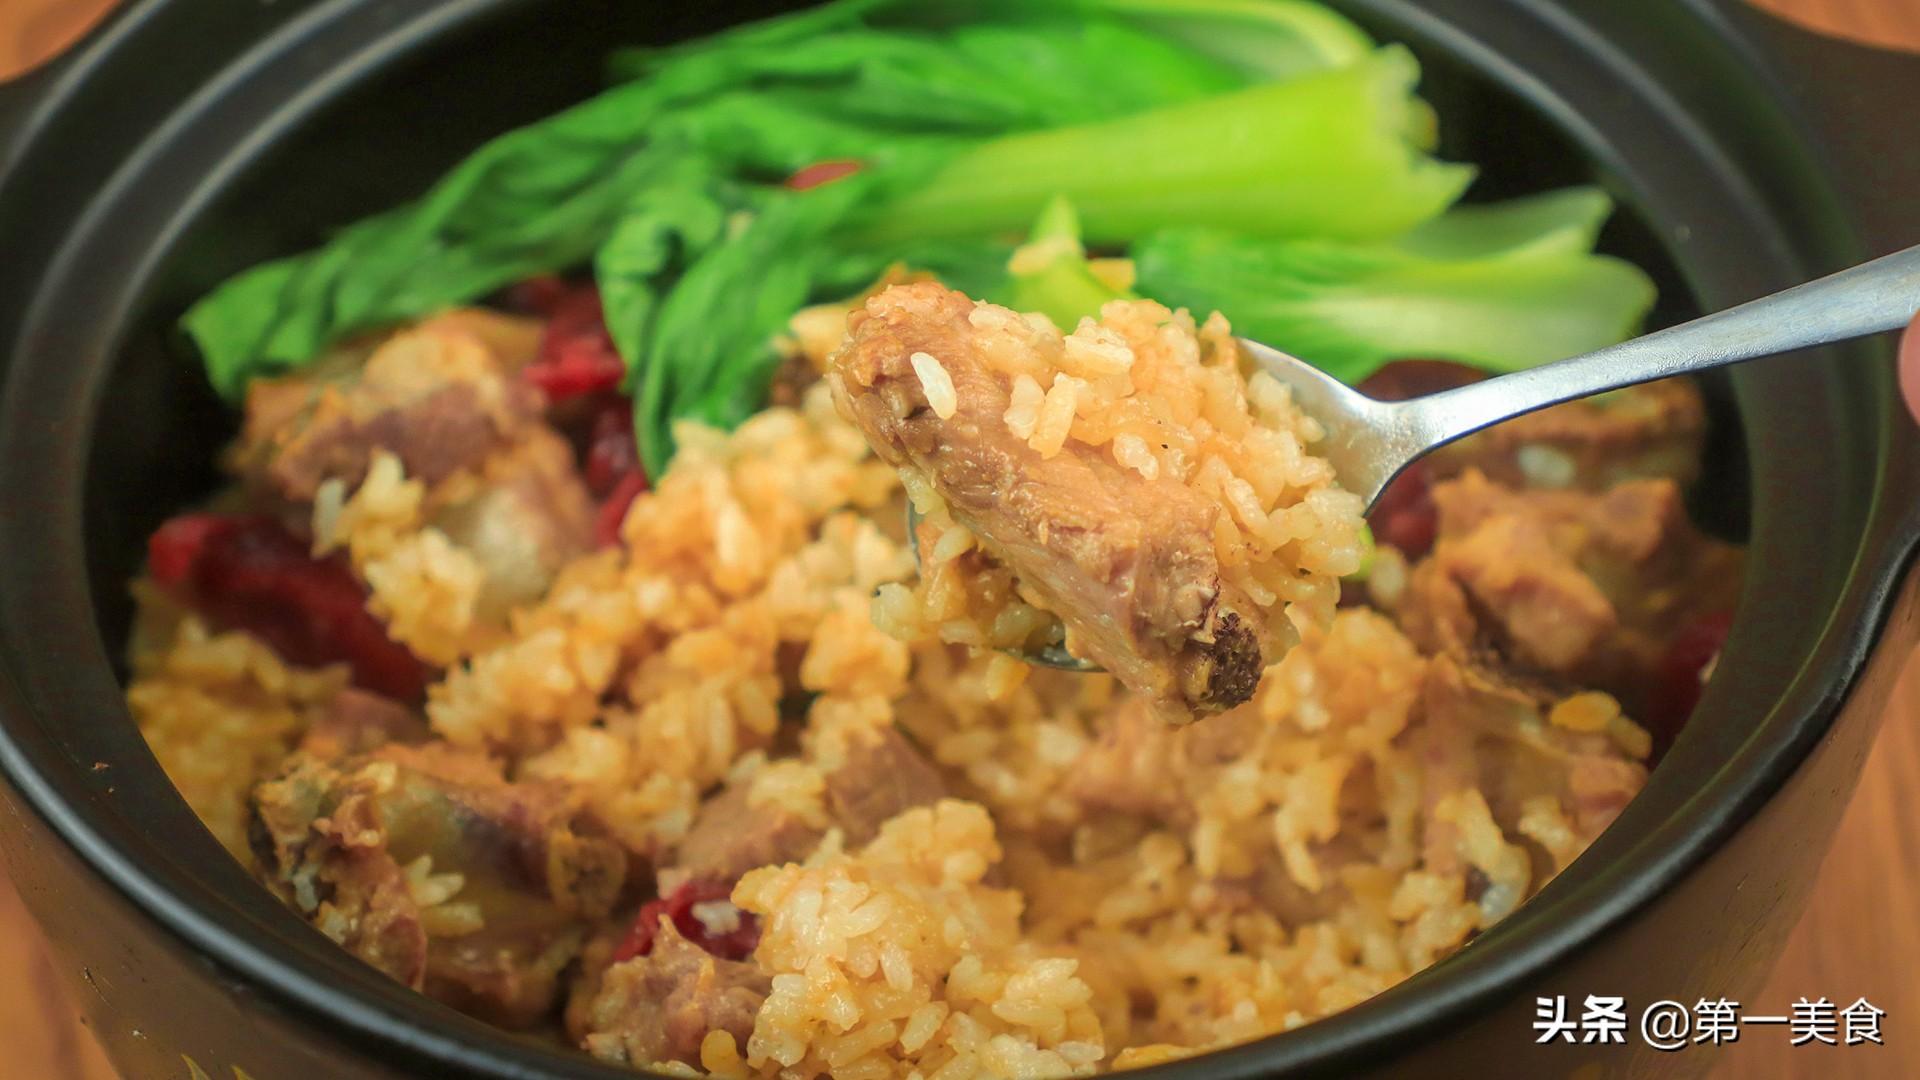 排骨煲仔饭的秘诀分享给你们 食材简单 腊味十足 排骨不腥